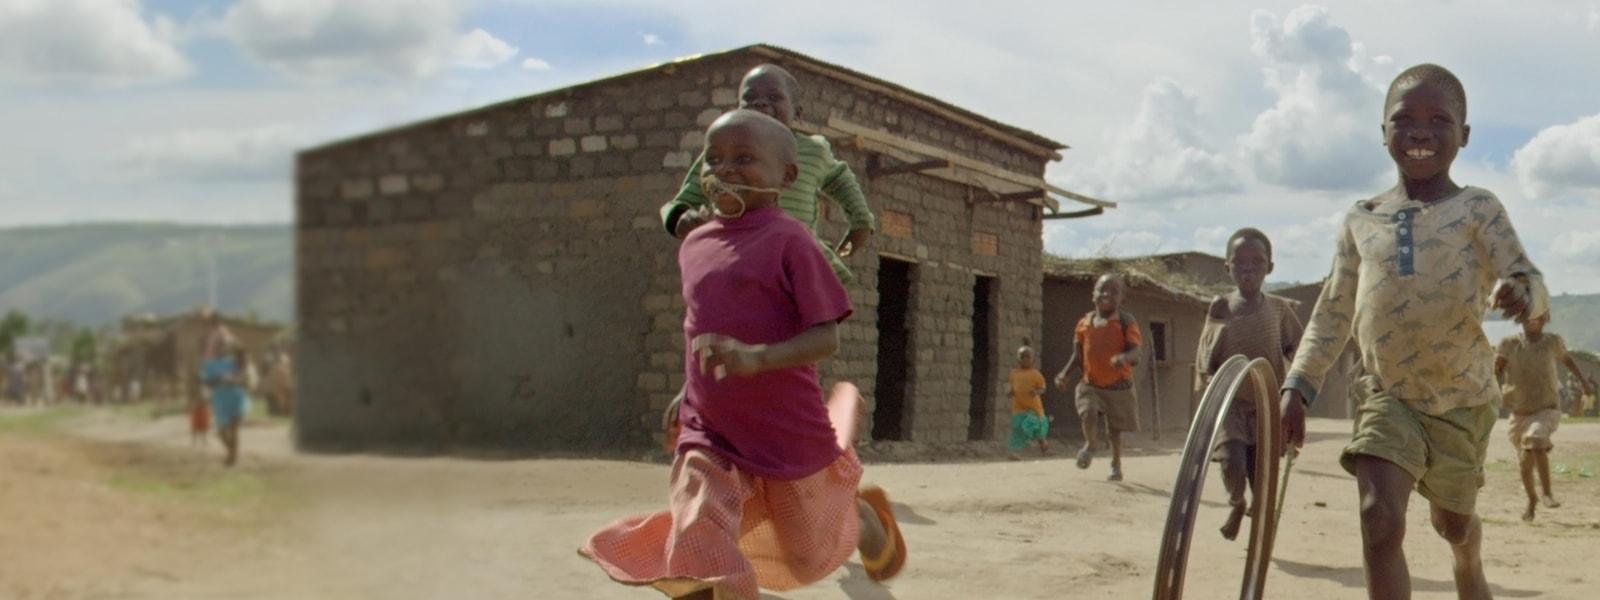 Kinder spielen in einem afrikanischen Dorf.